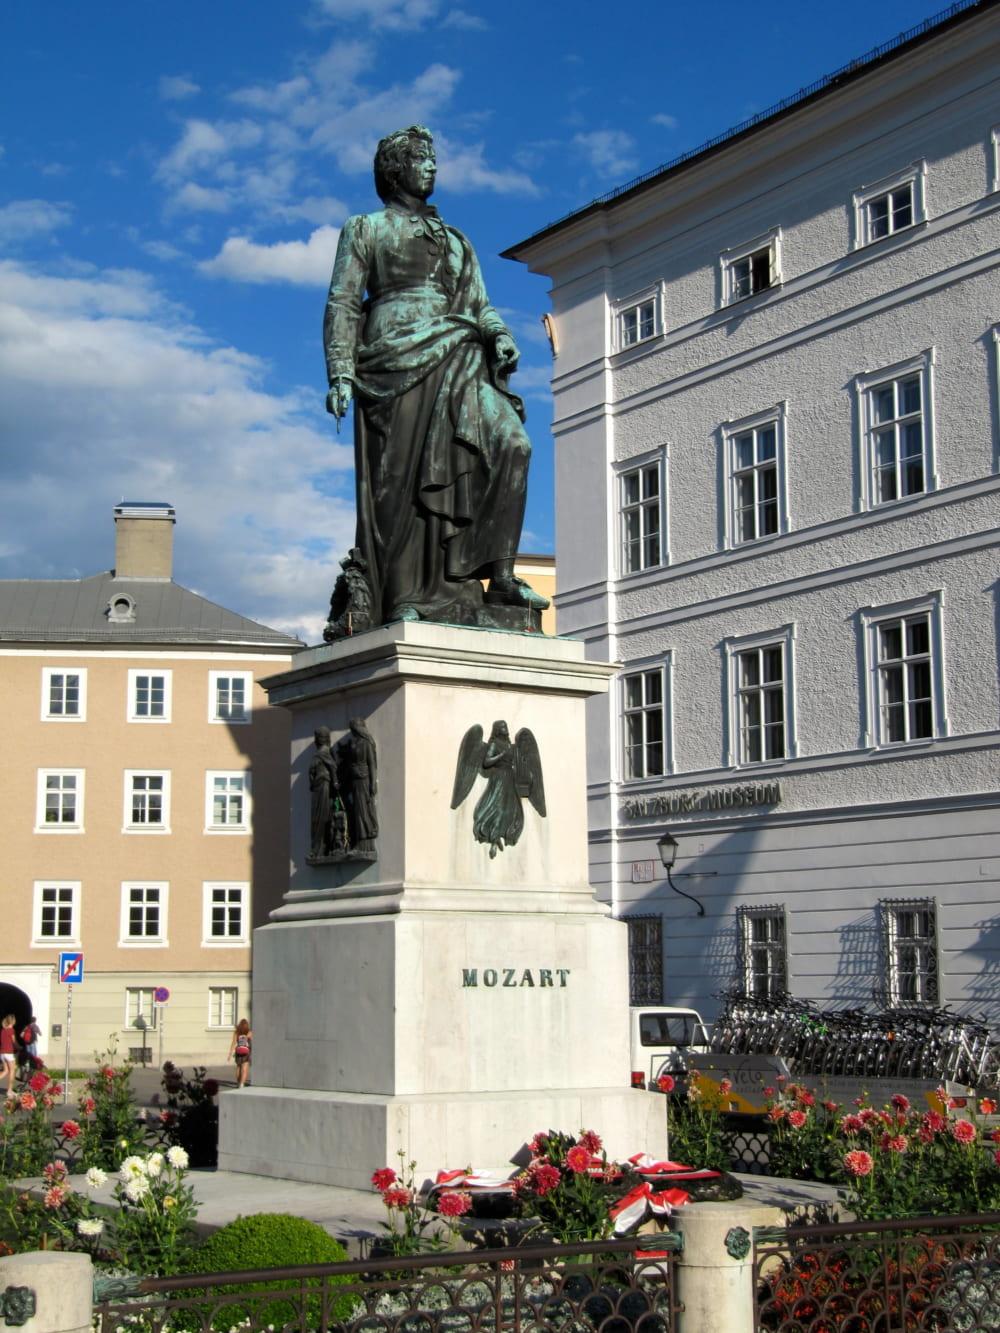 歴史の町から音楽の町へ。ザルツブルクが生んだ天才音楽家とは?